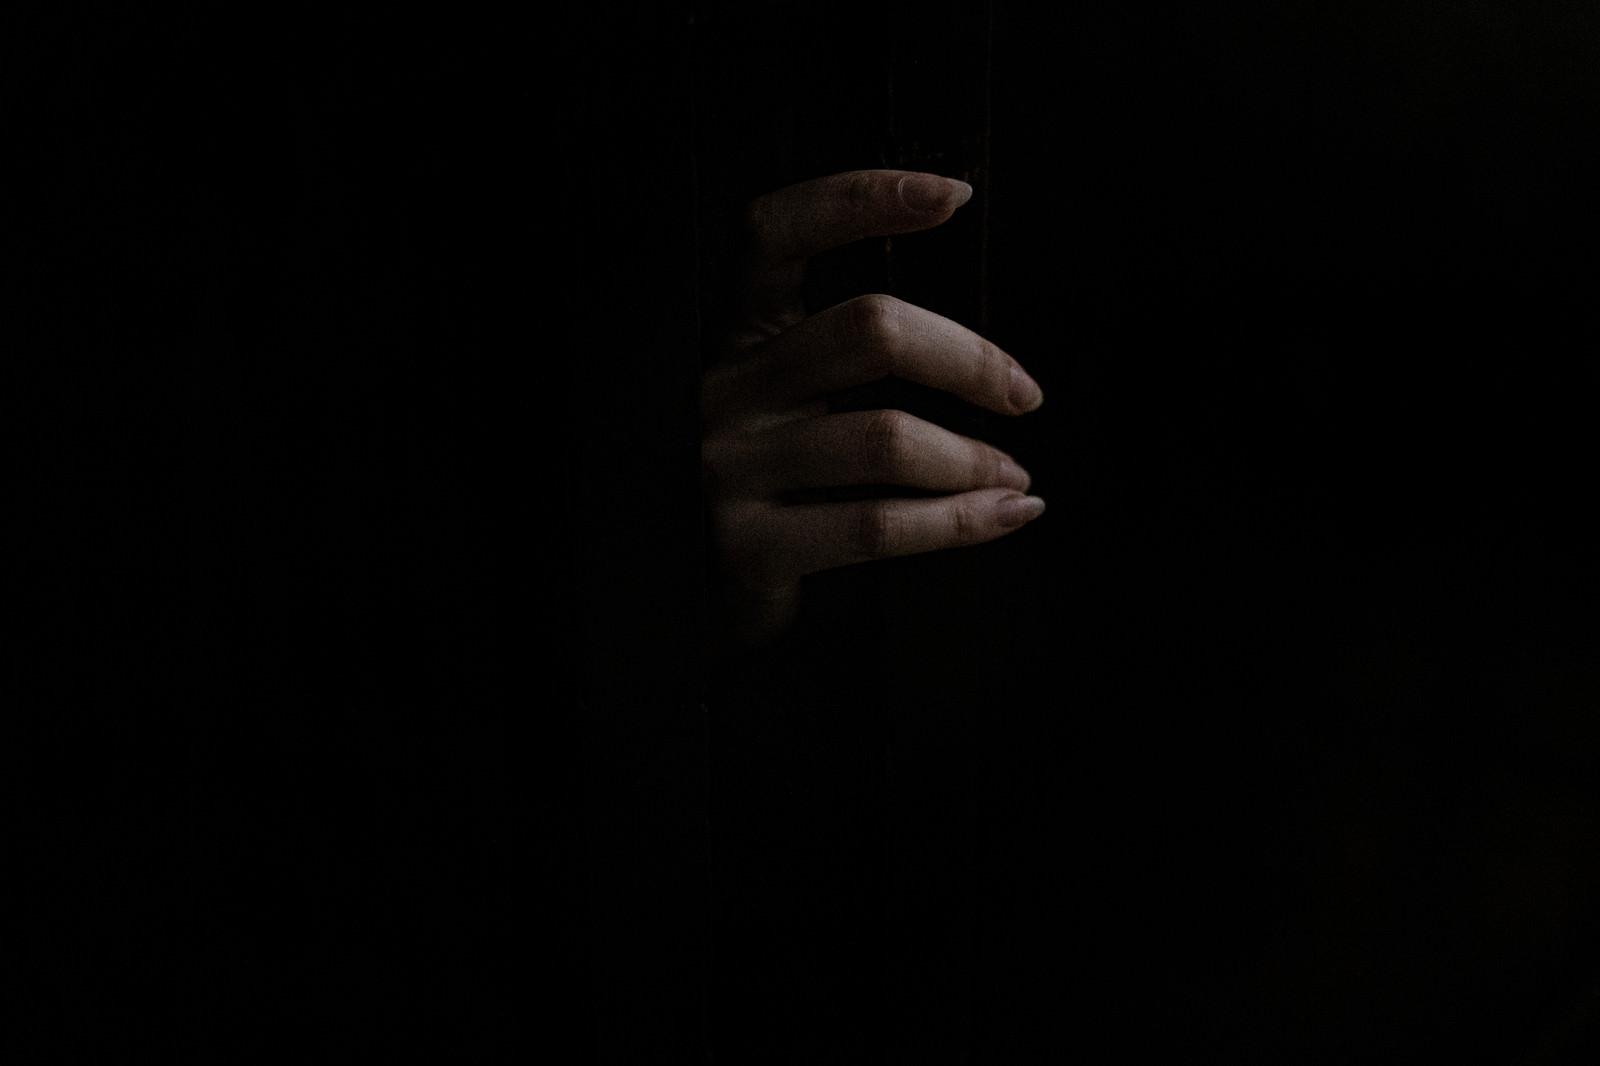 「暗闇からスゥーっと女性の手が」の写真